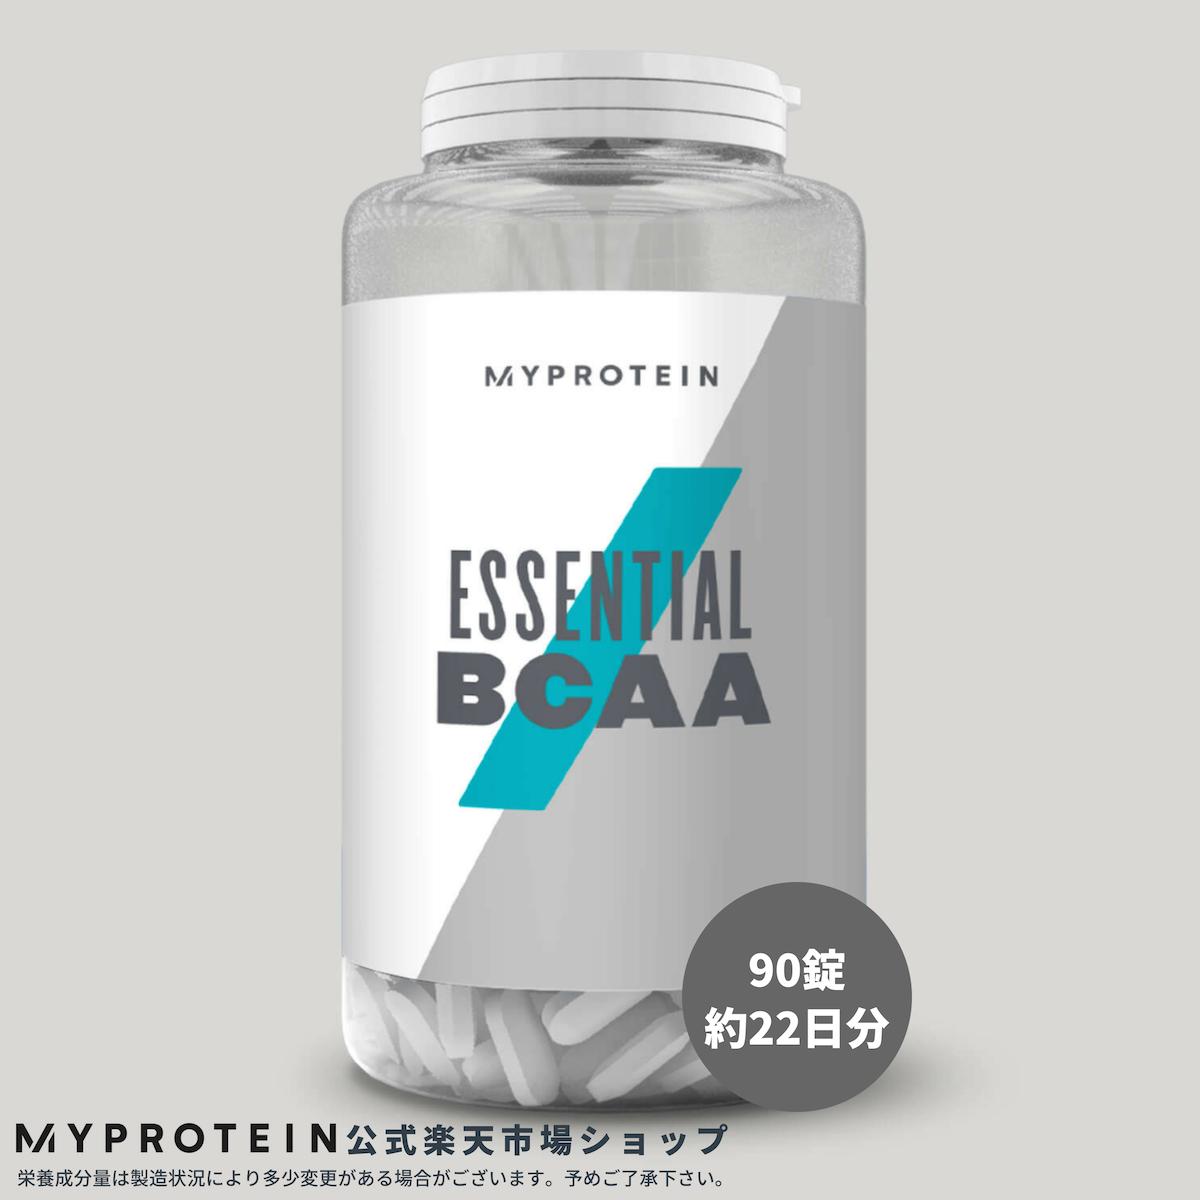 マイプロテイン 公式 【MyProtein】 BCAA 90錠 約22日分| サプリメント サプリ 錠剤 タブレット EAA BCAA アミノ酸 バリン ロイシン イソロイシン スポーツサプリ ダイエット アルギニン カルニチン